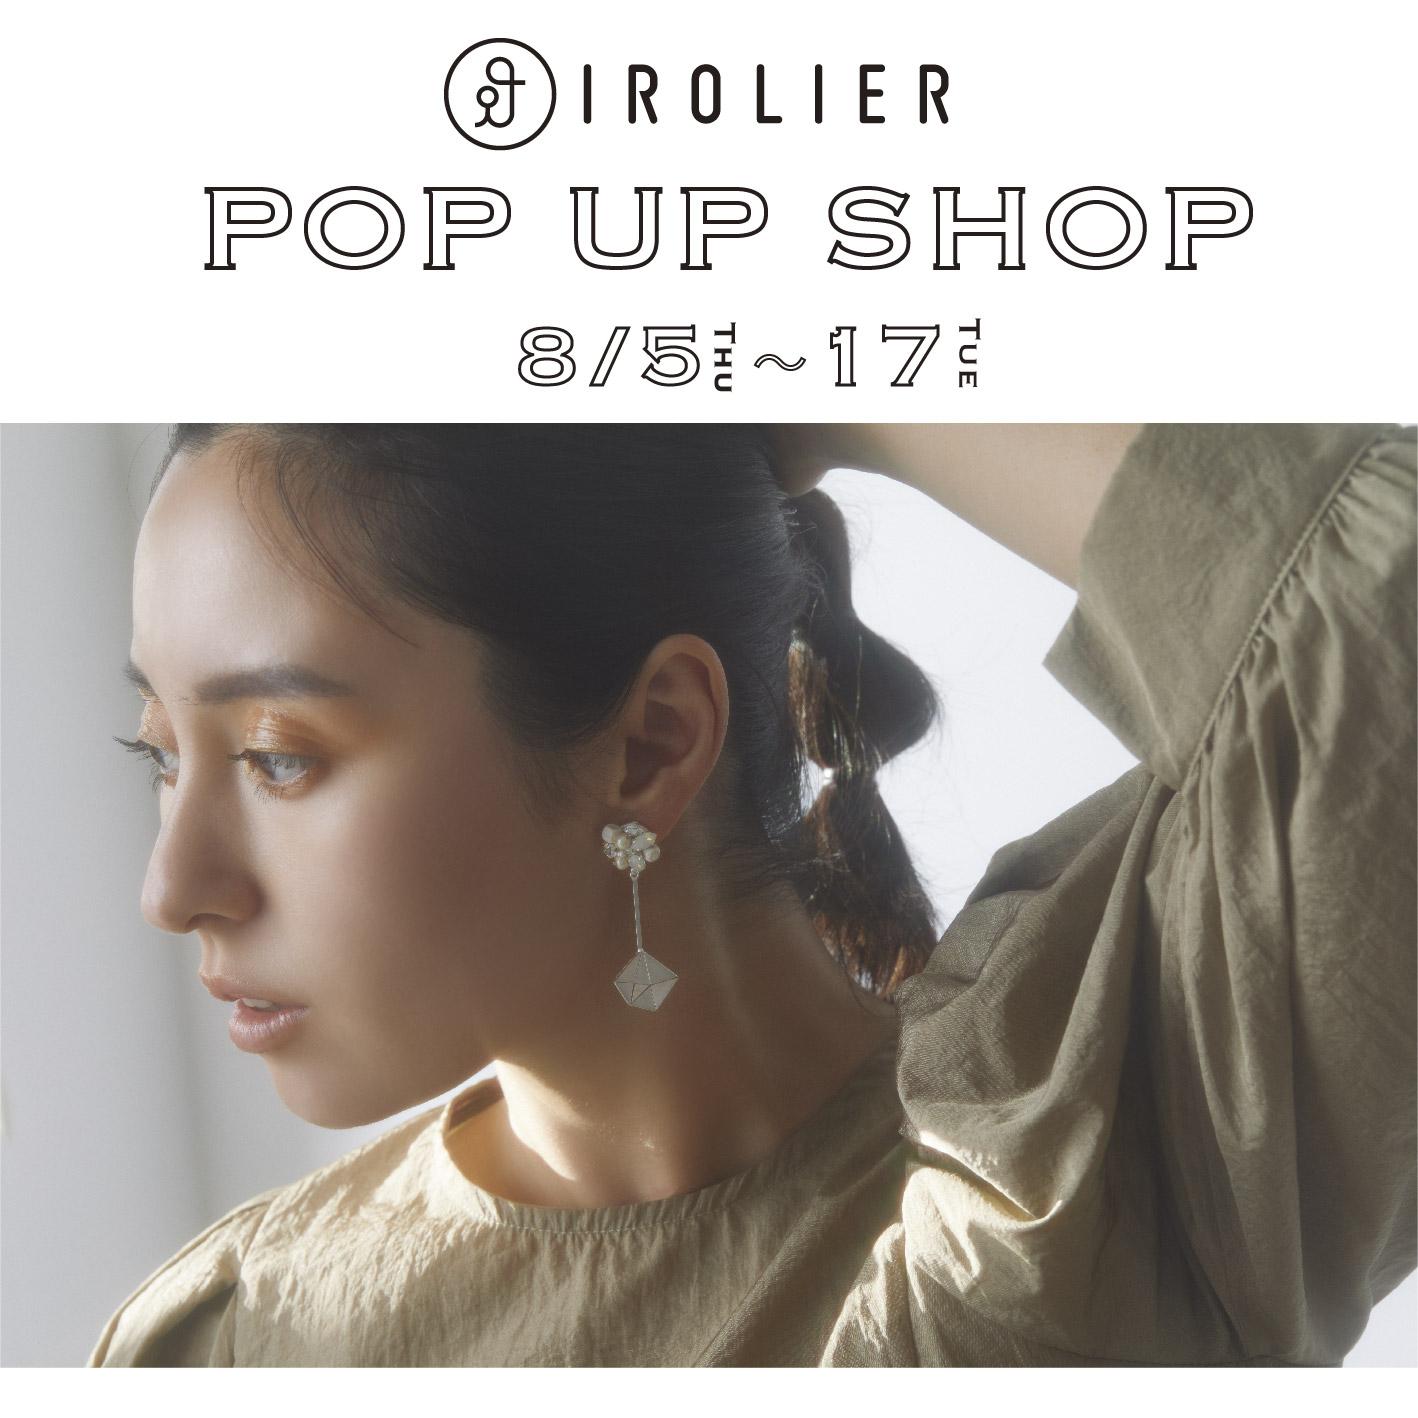 ルミネ大宮店POP UP SHOPのお知らせ